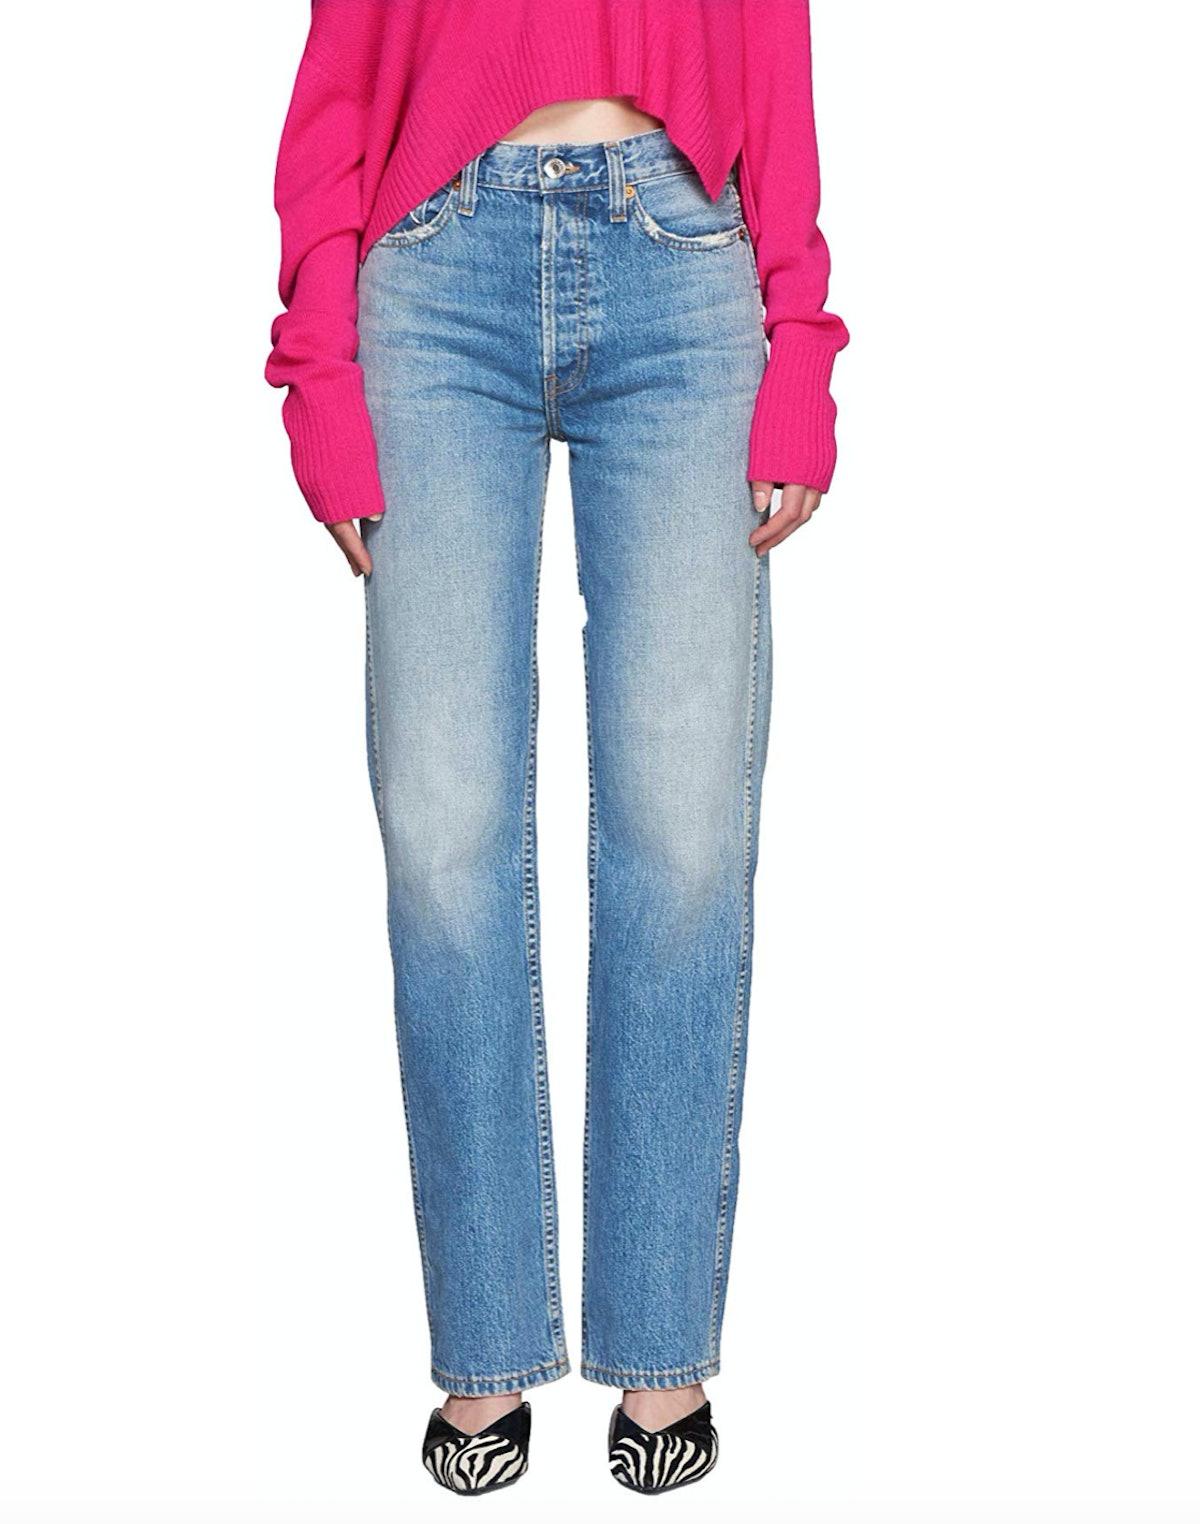 High-Rise Worn Blue Jean